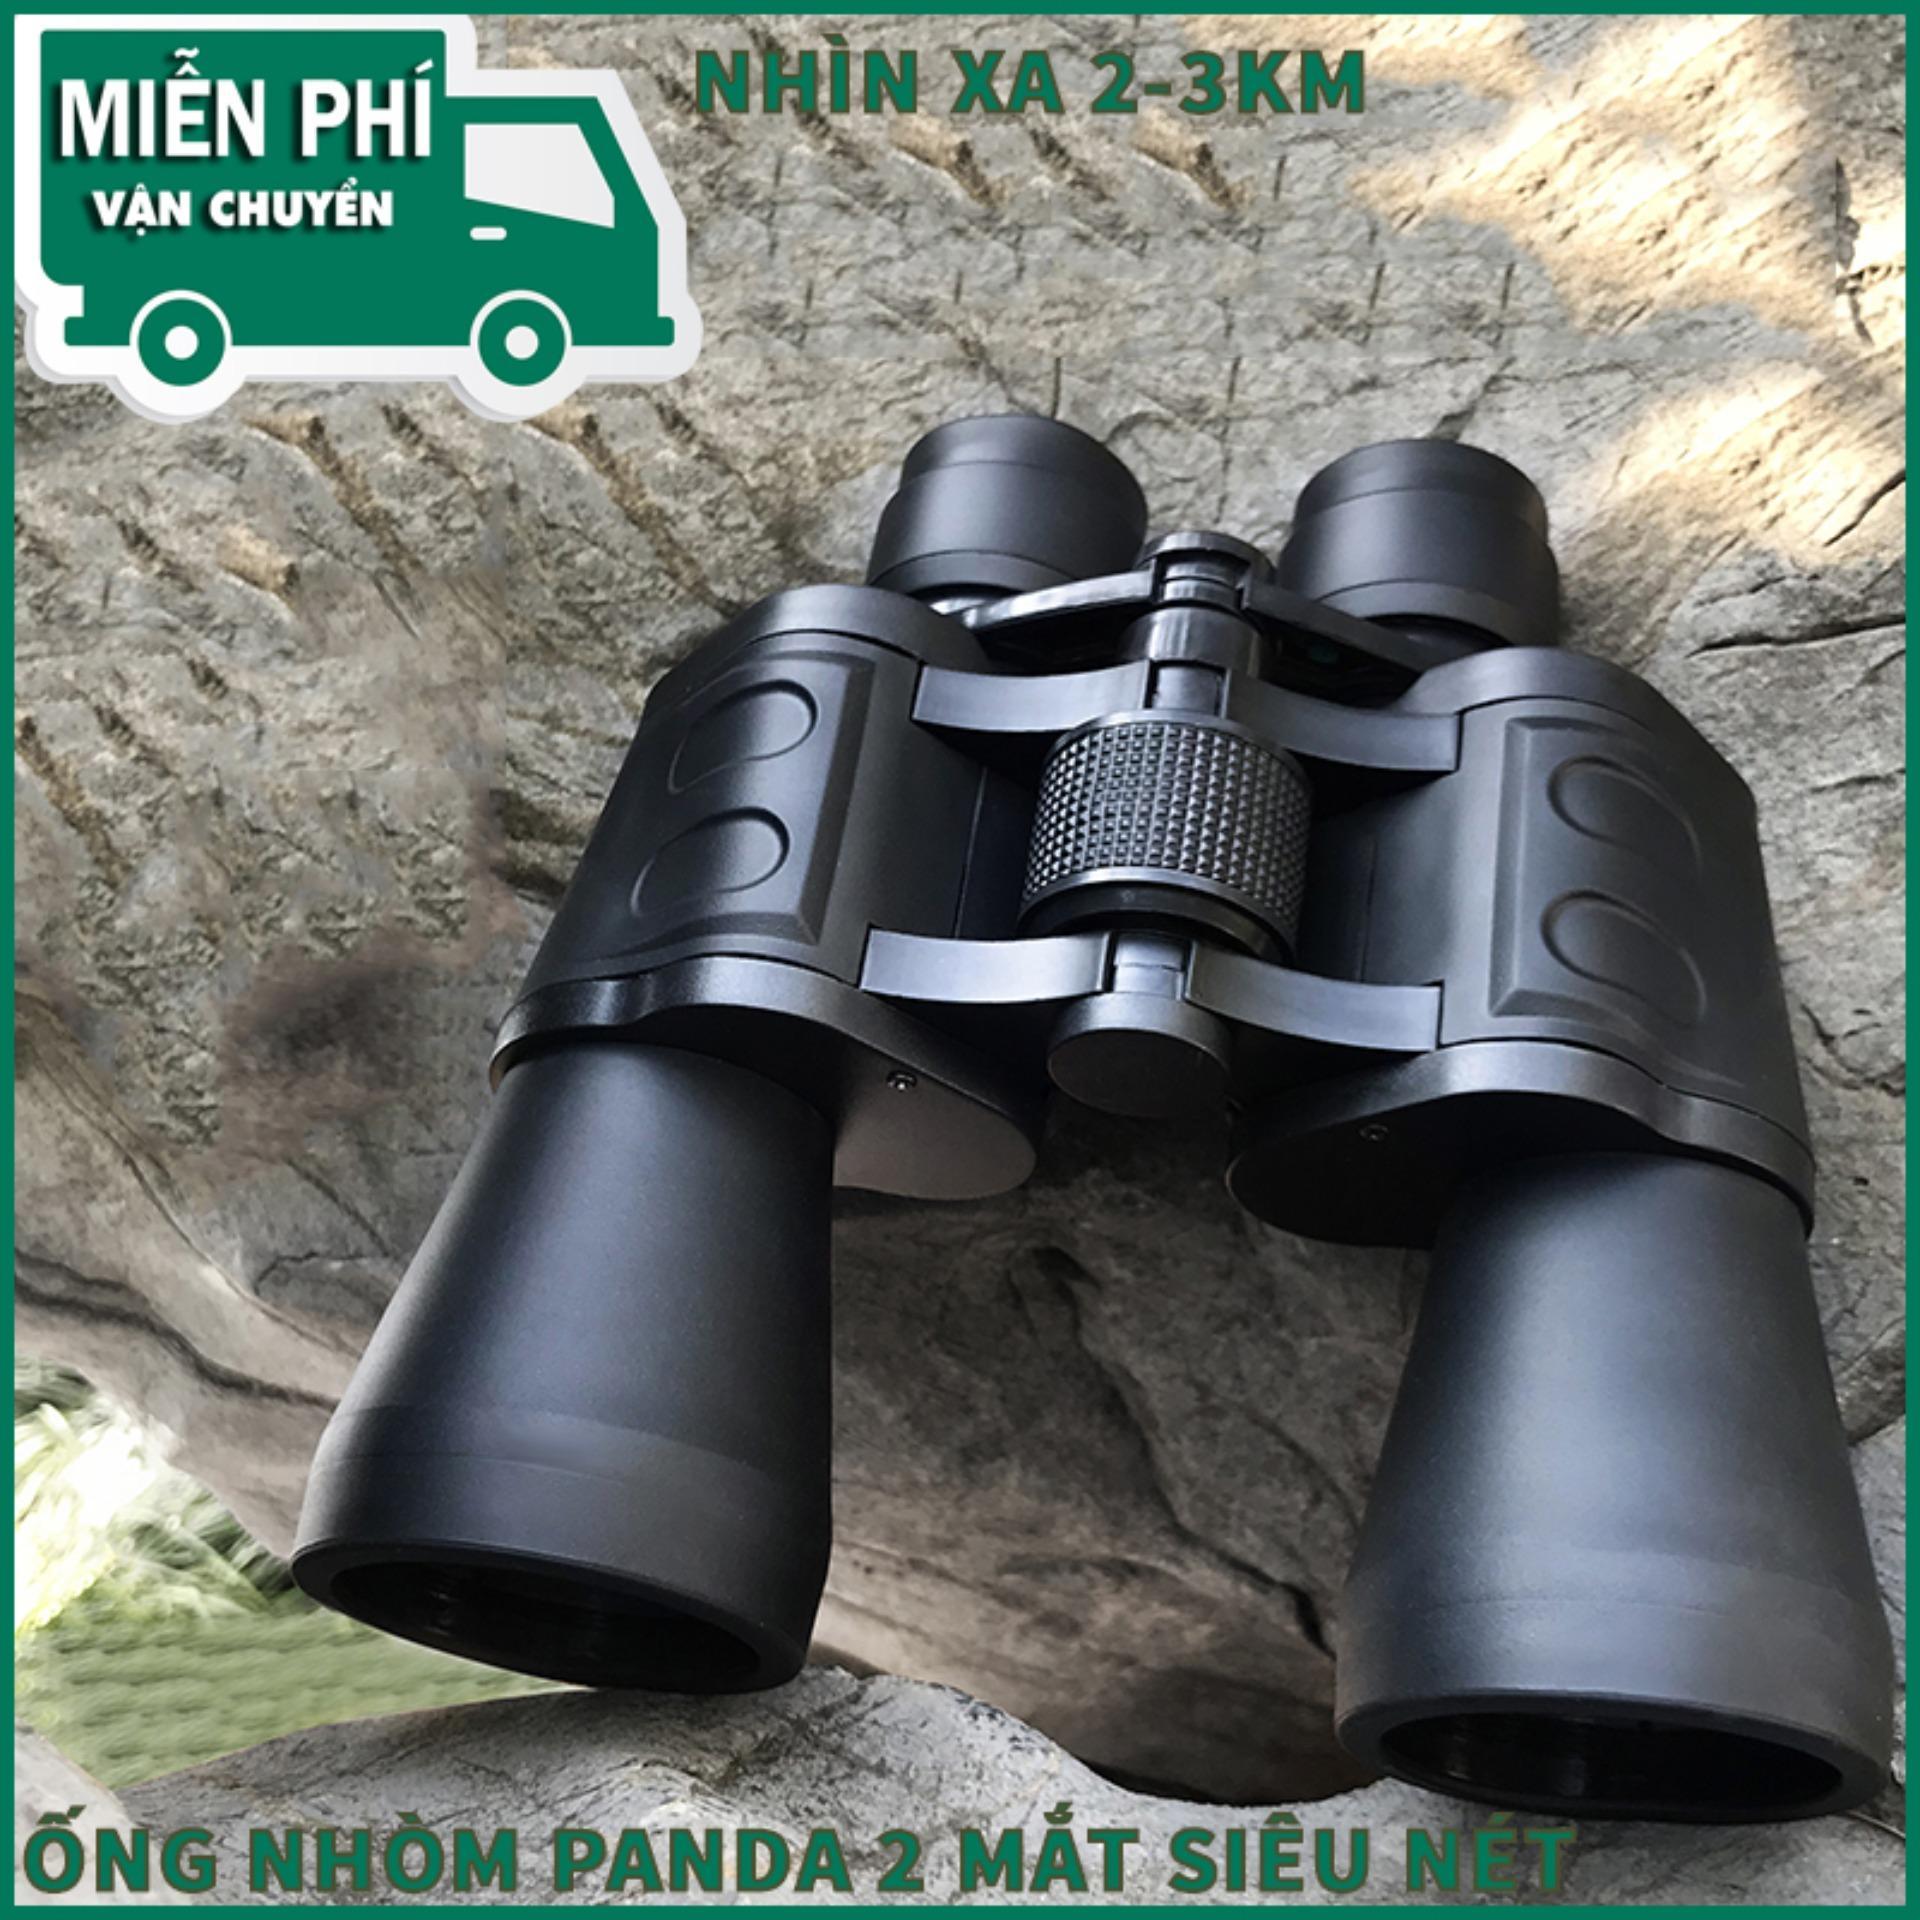 Ong Nhom Sieu Net - Ống Nhòm Panda 2 MẮT Siêu Zoom, Phóng Đại 20 Lần, Xa 1,5 Km, Công Nghệ Lấy Nét Tập Trung - Bảo Hành 1 Đổi 1.